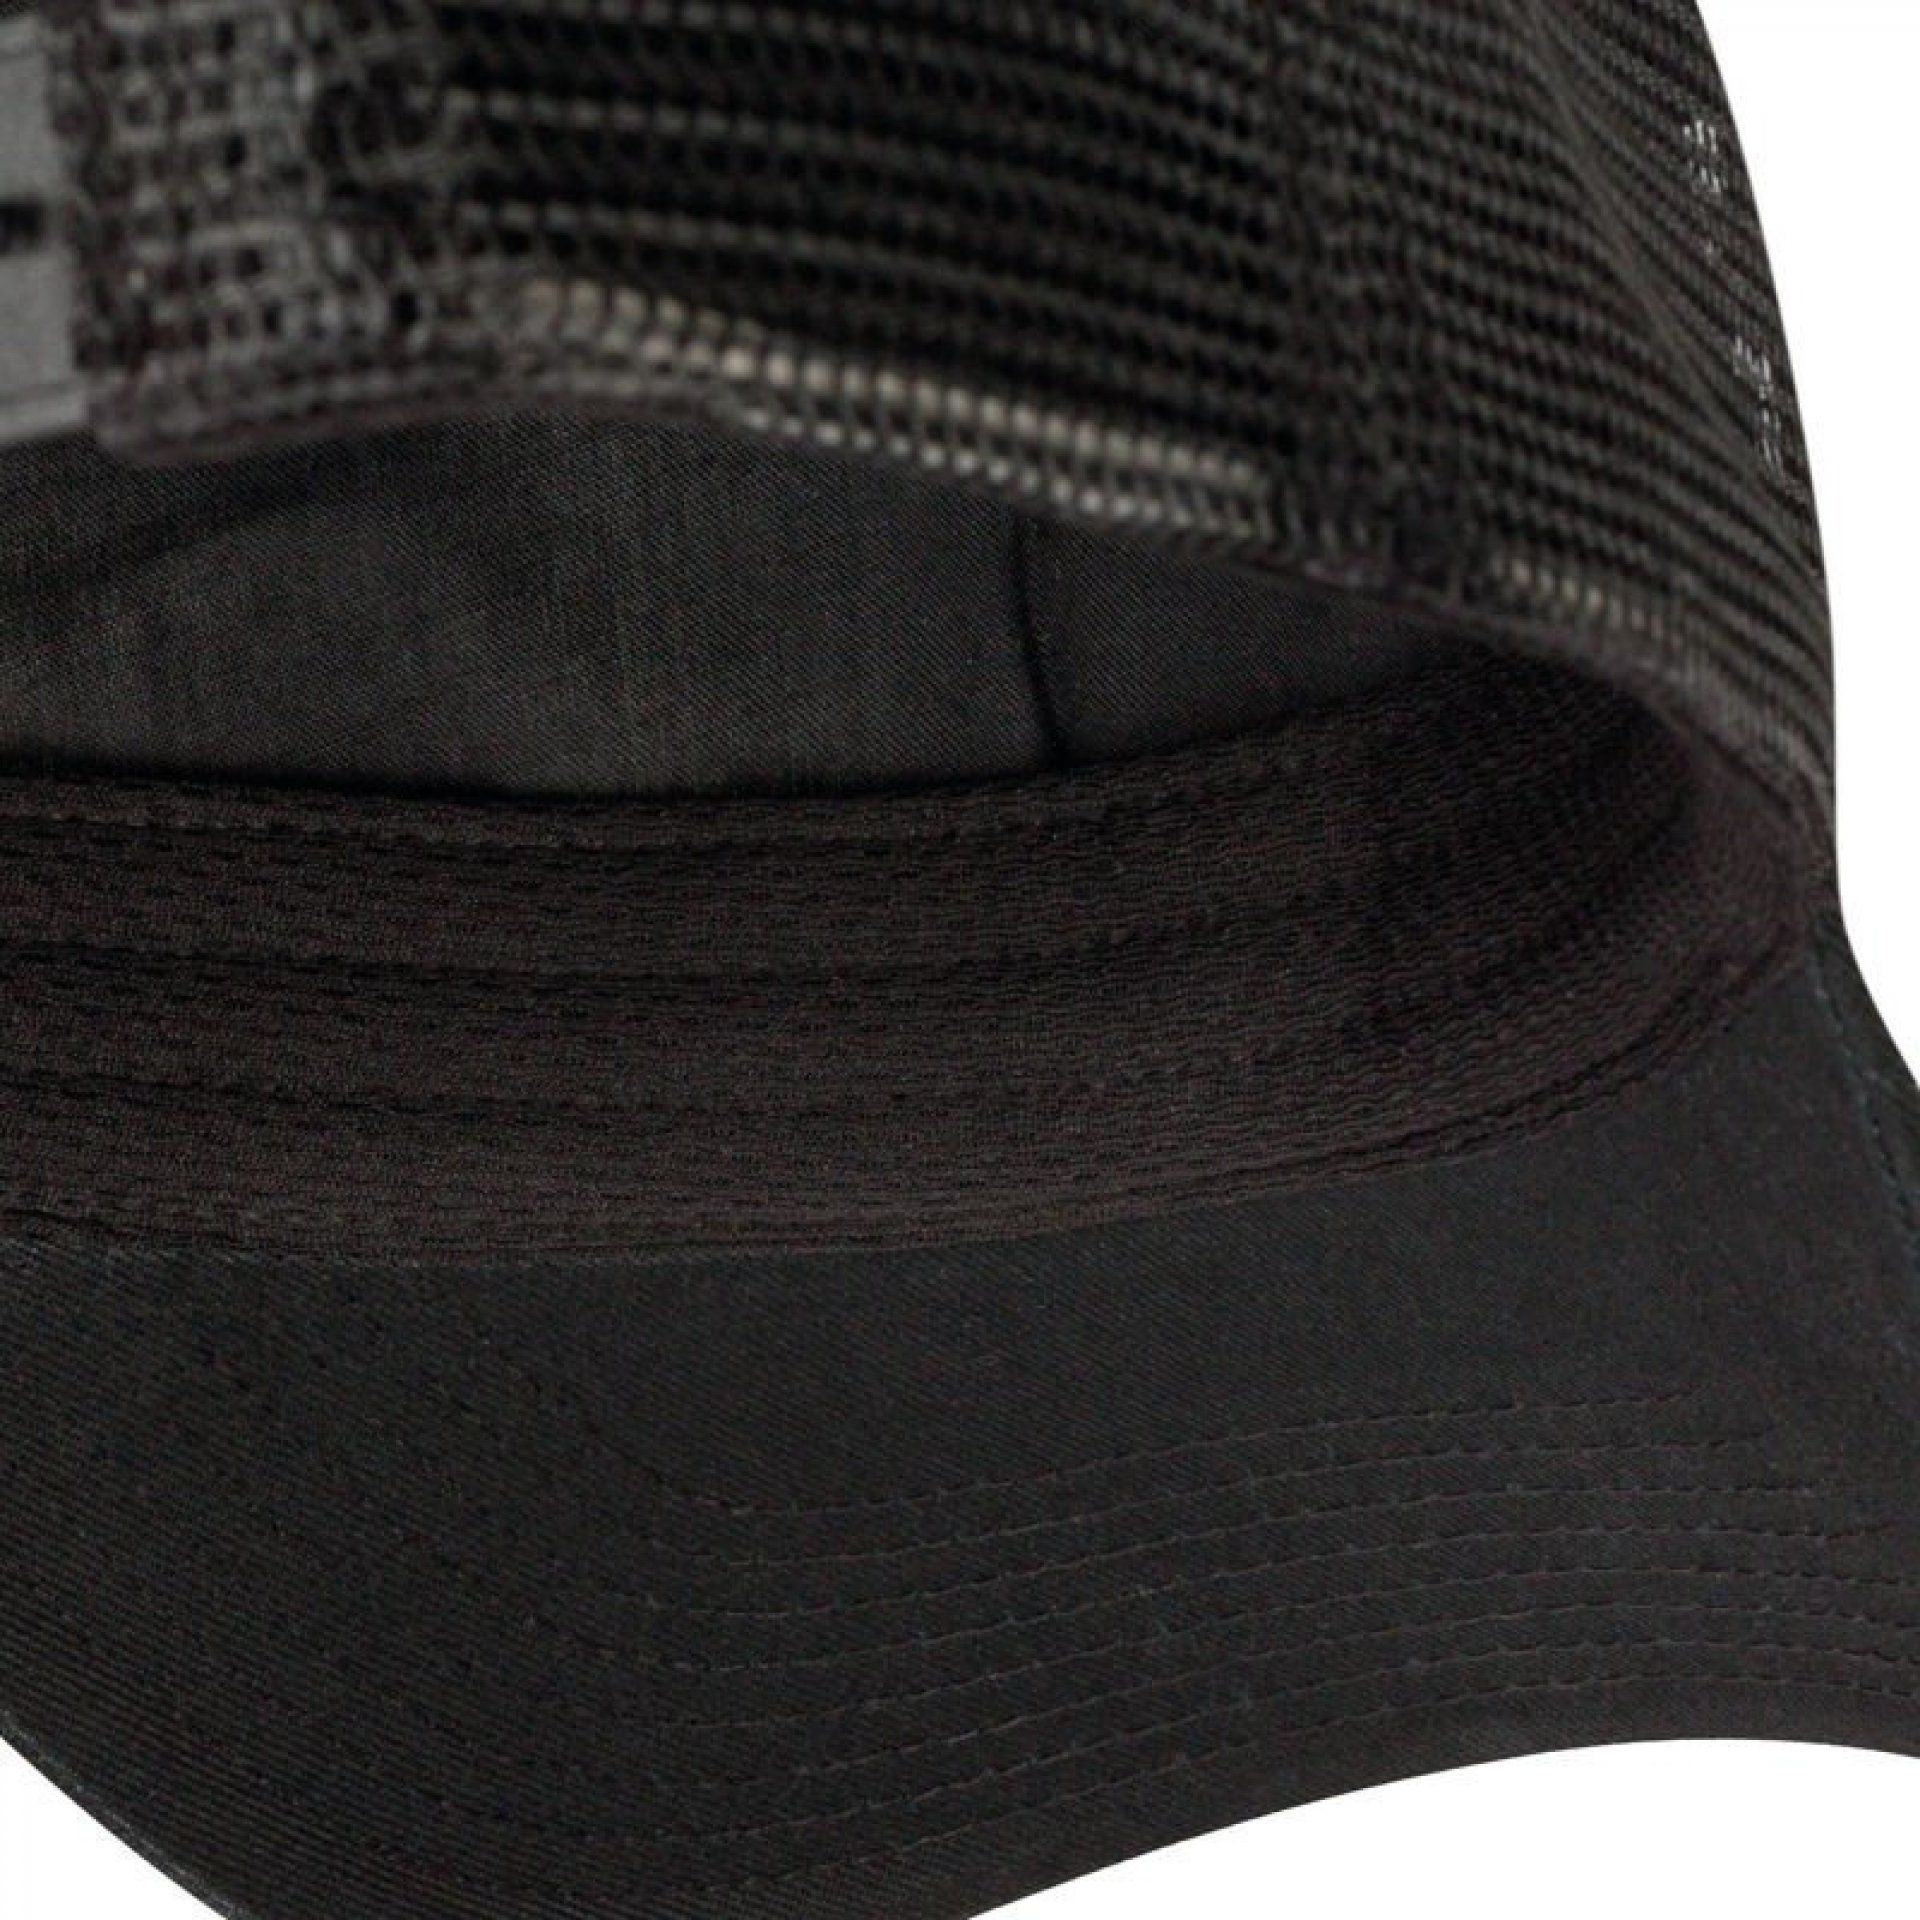 CZAPKA Z DASZKIEM BUFF TRUCKER CAP TABLE MOUNTAIN BLACK WEWNĄTRZ